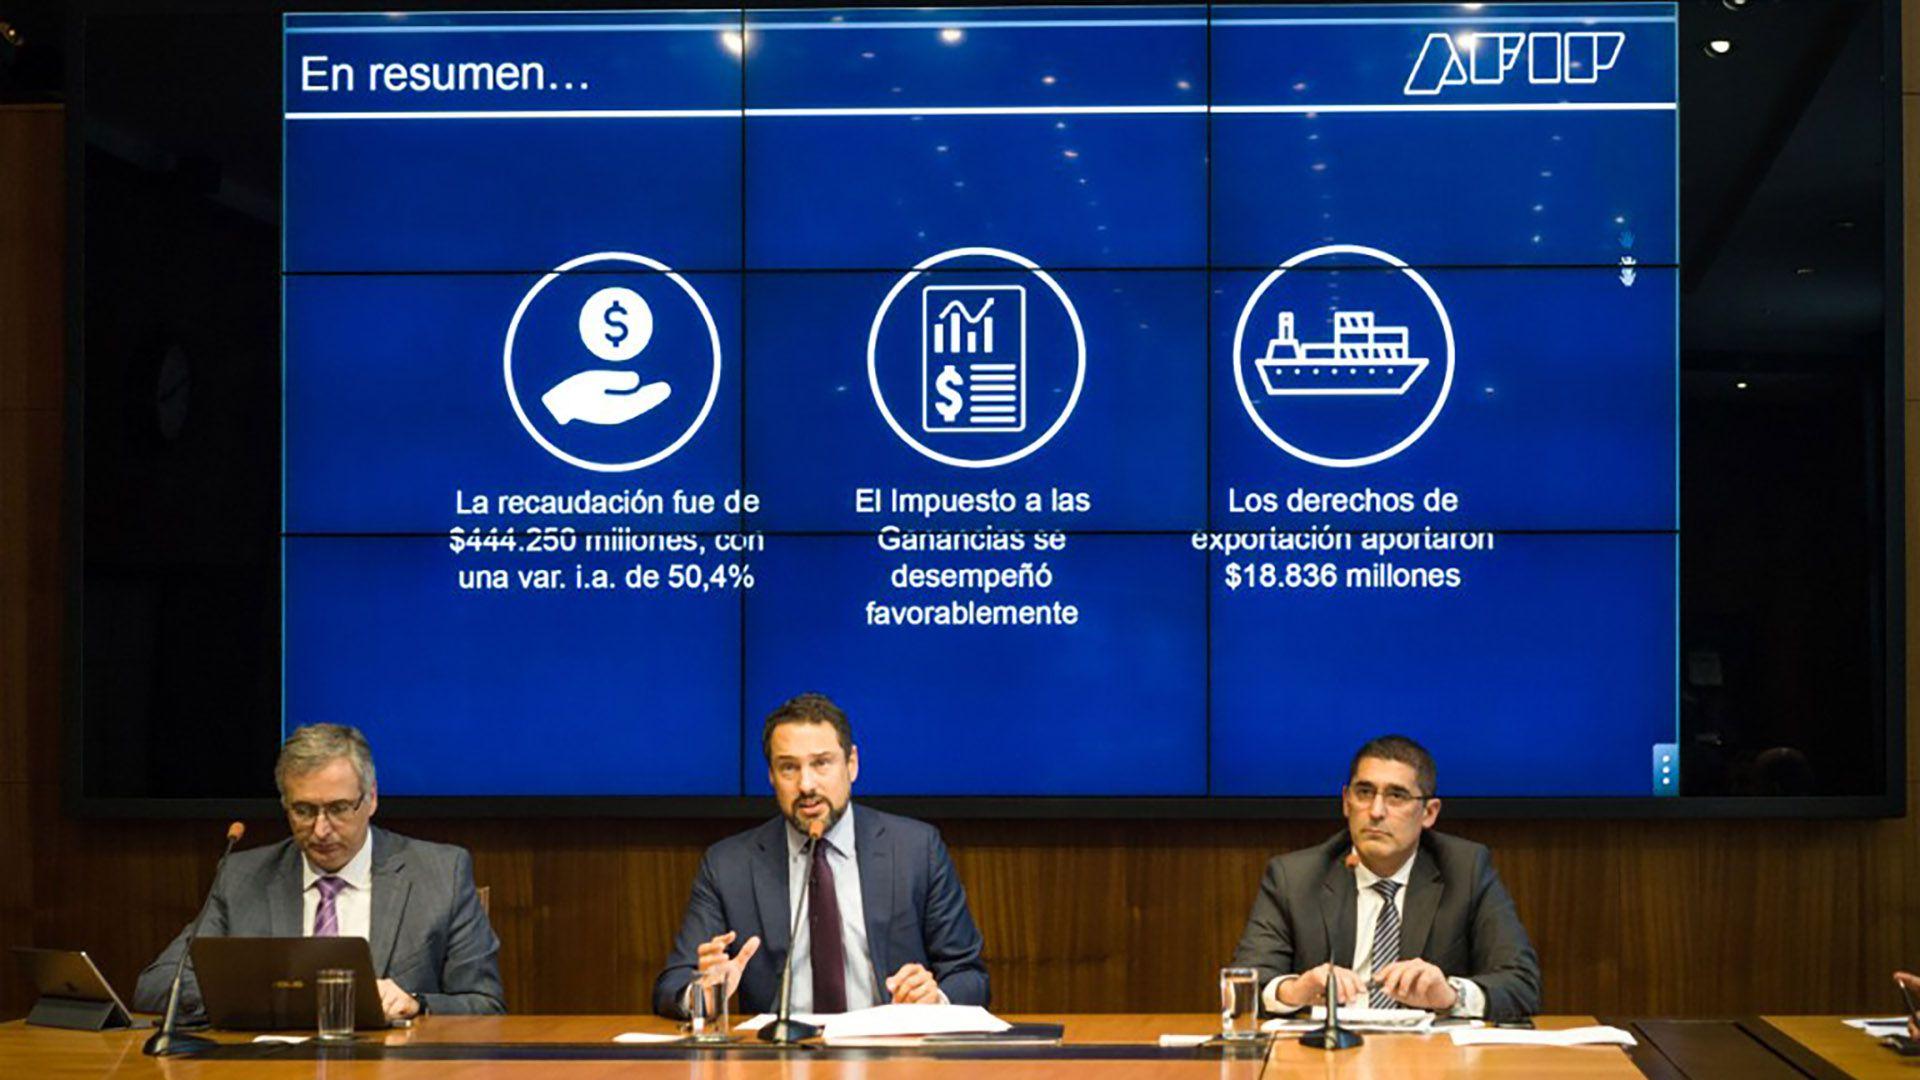 Leandro Cuccioli y su equipo explicaron a periodistas el desempeño de la recaudación y los motivos de las prórrogas de las presentaciones de las DDJJ